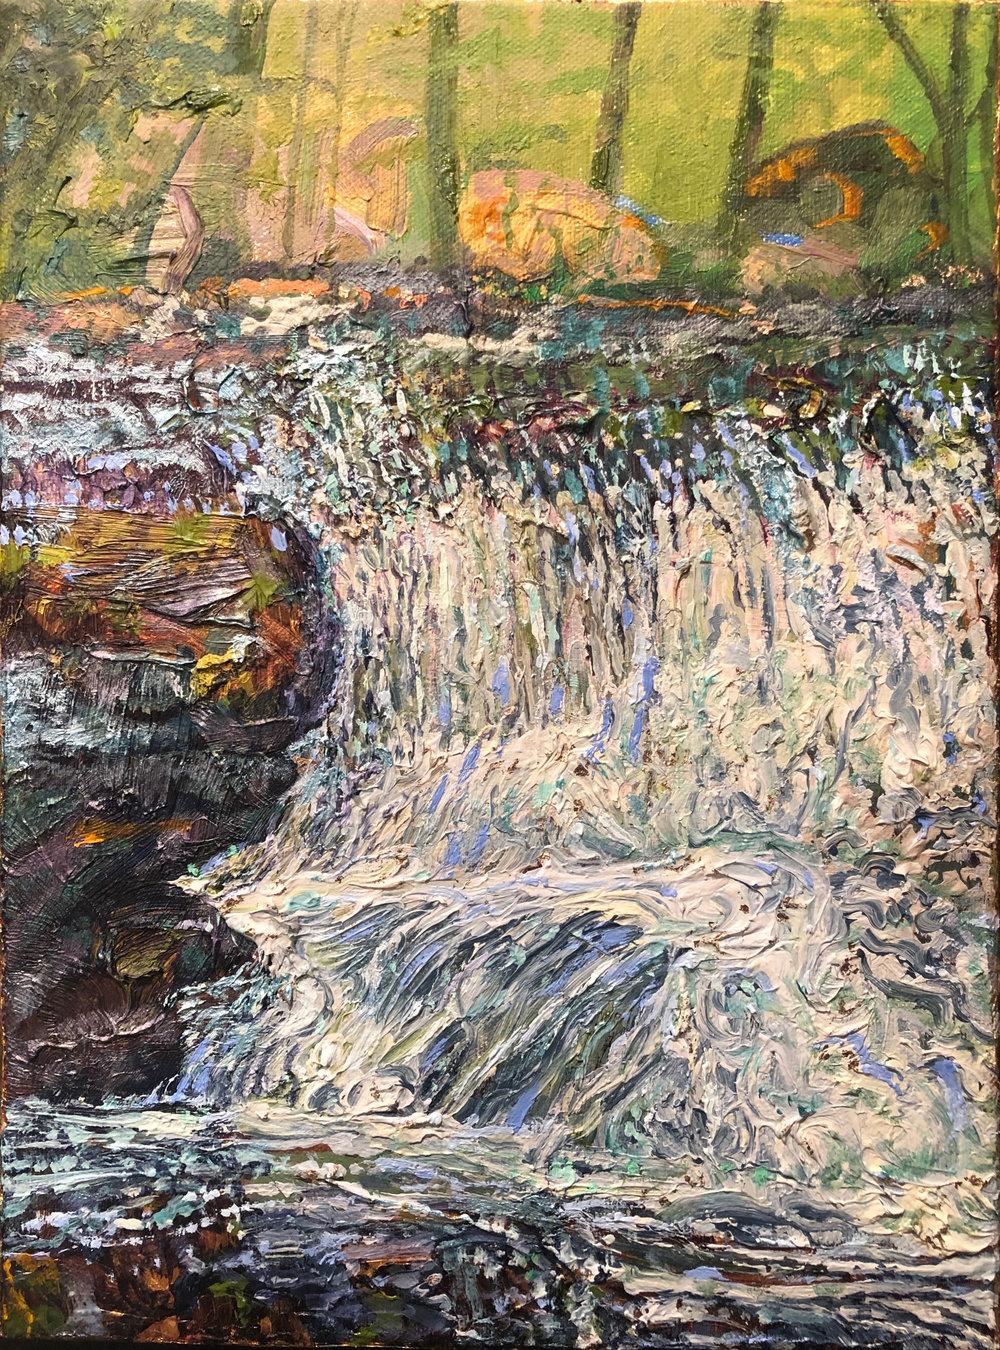 waterfall_1_12x16.jpg